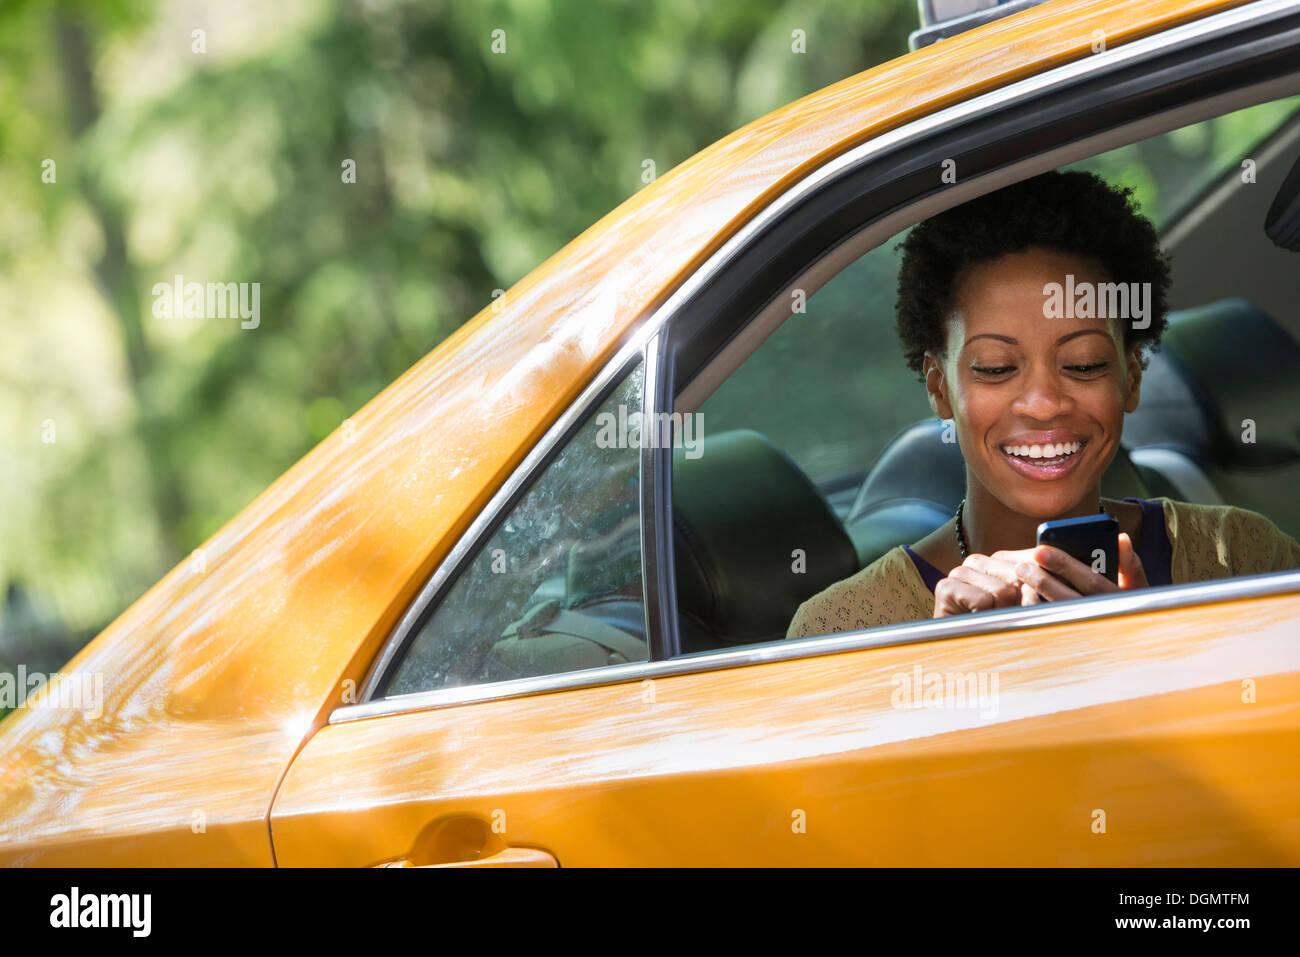 Una mujer sentada en el asiento del pasajero trasero de un taxi amarillo, controlar su teléfono. Imagen De Stock